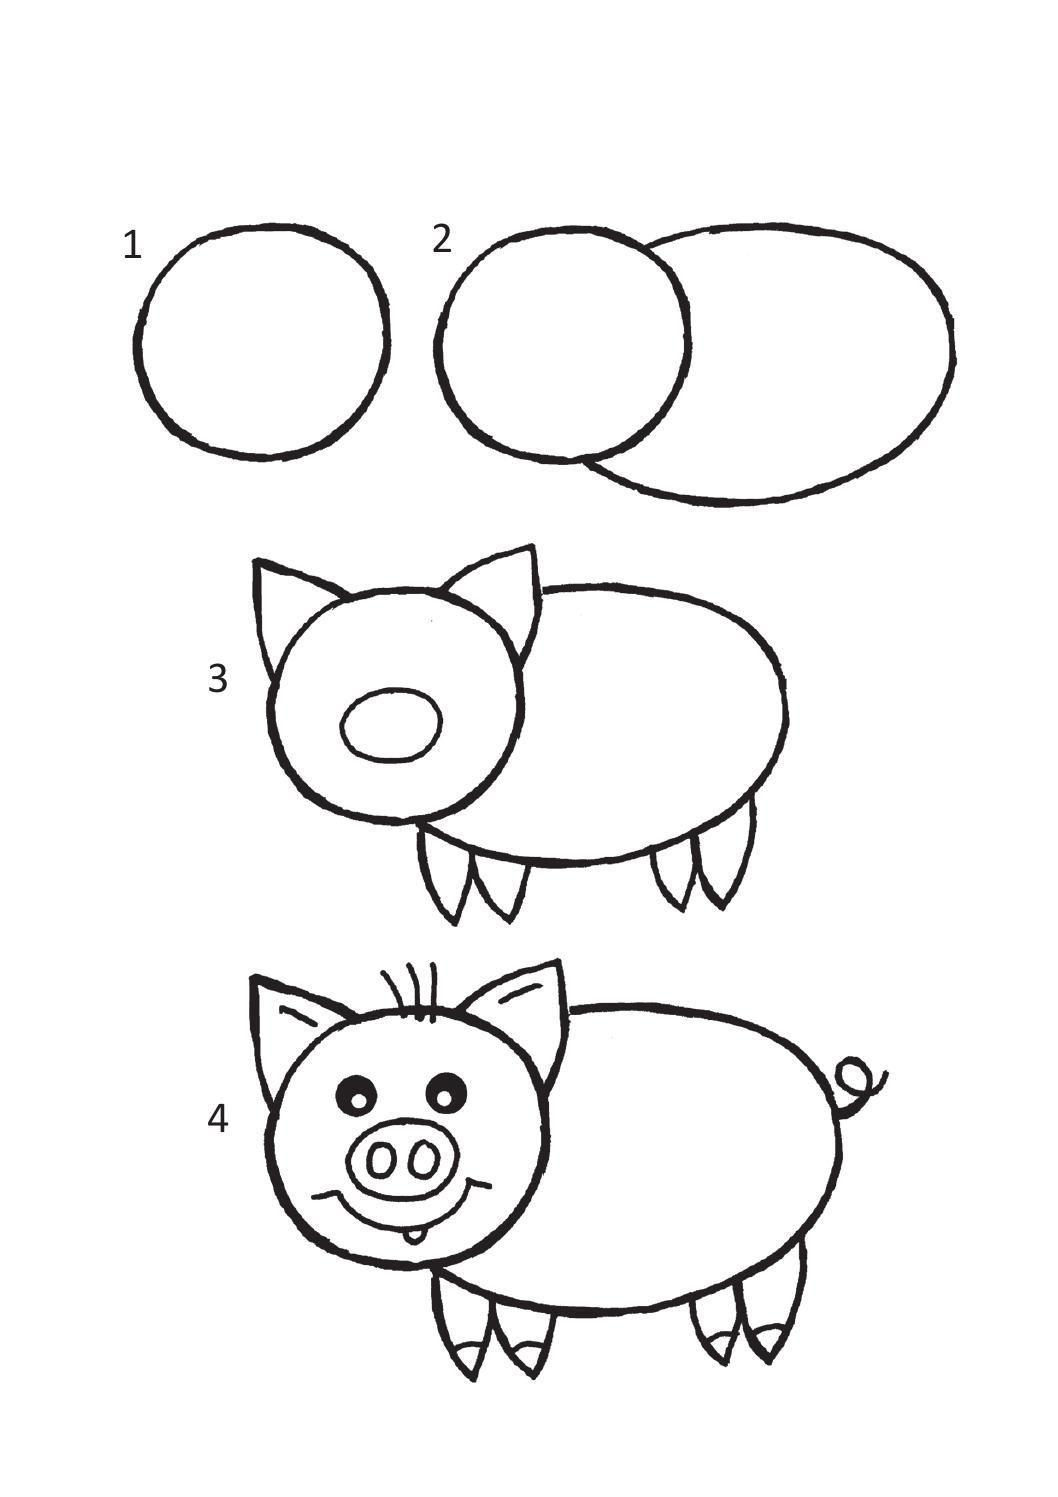 Vsyo Dlya Detskogo Sada I Shkoly Razvivayushie I Didakticheskie Igry Dlya Detej Art Drawings For Kids Cute Easy Drawings Kids Art Projects